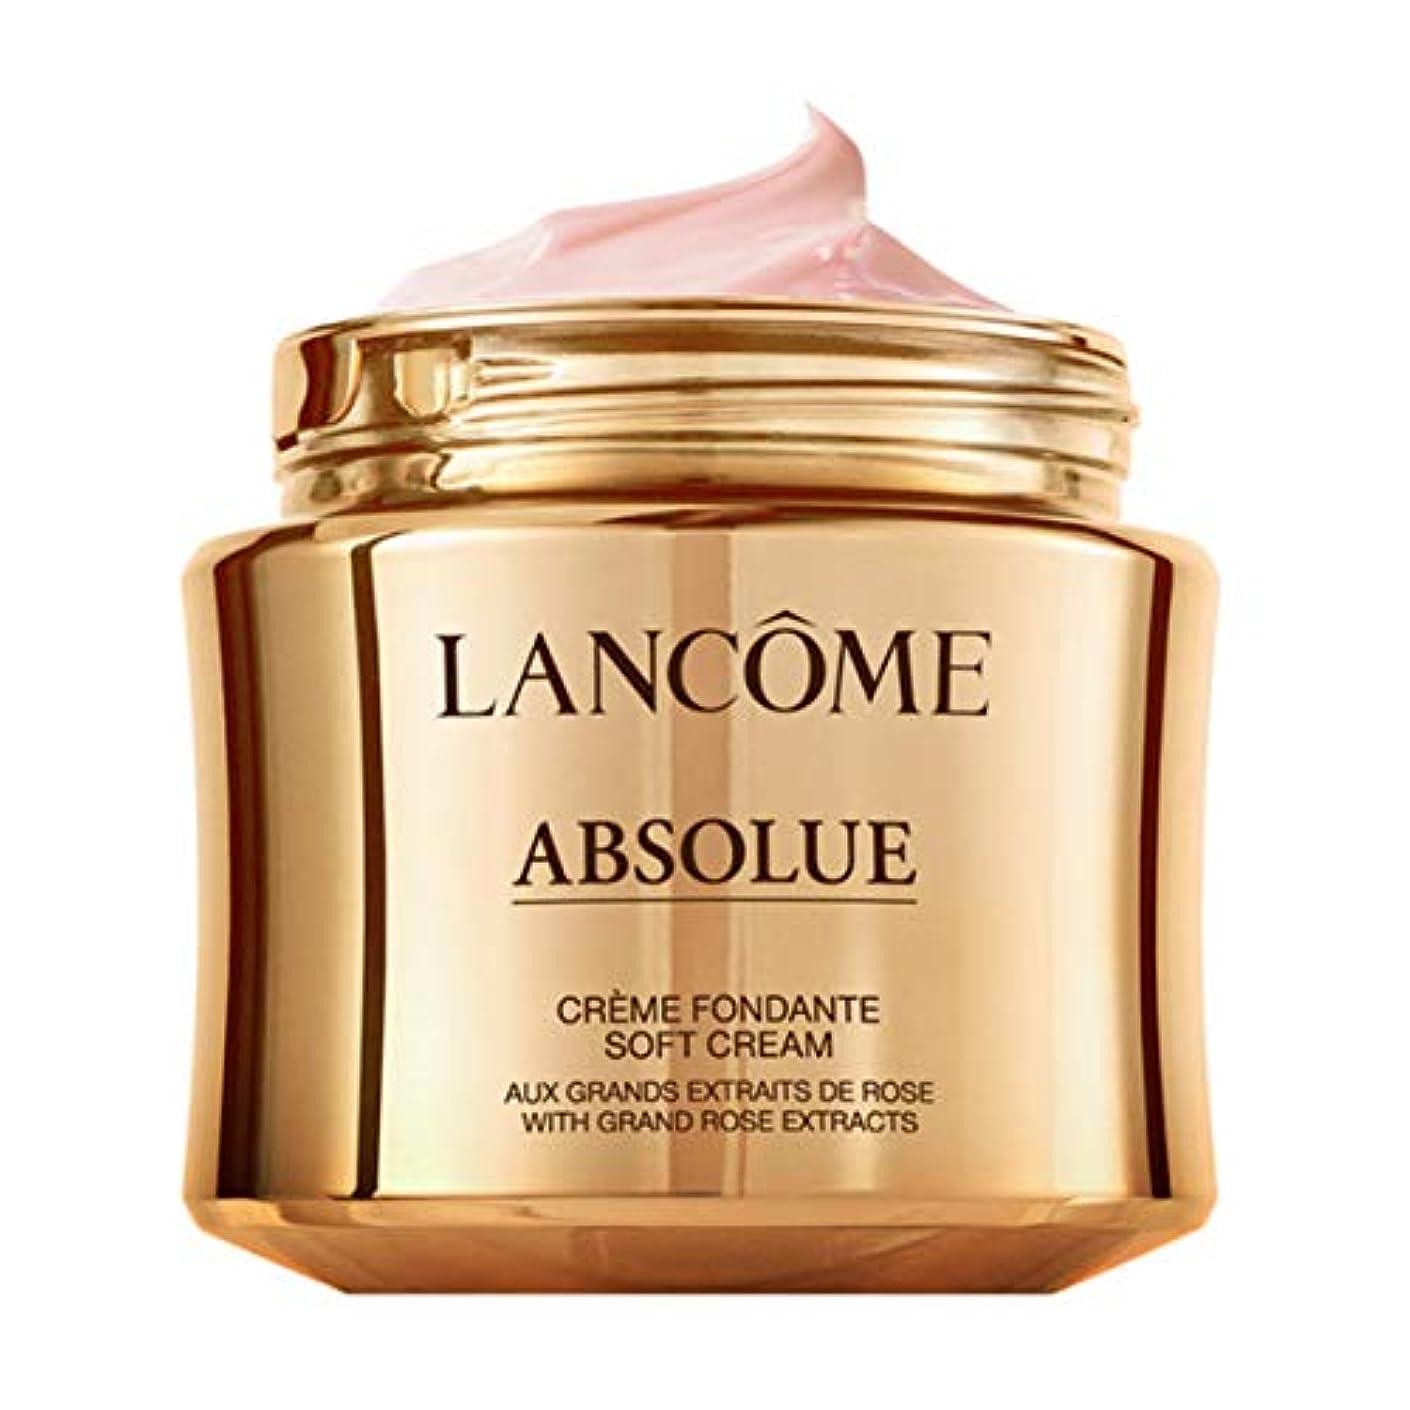 邪悪な元に戻す猟犬ランコム Absolue Creme Fondante Regenerating Brightening Soft Cream 60ml/2oz並行輸入品